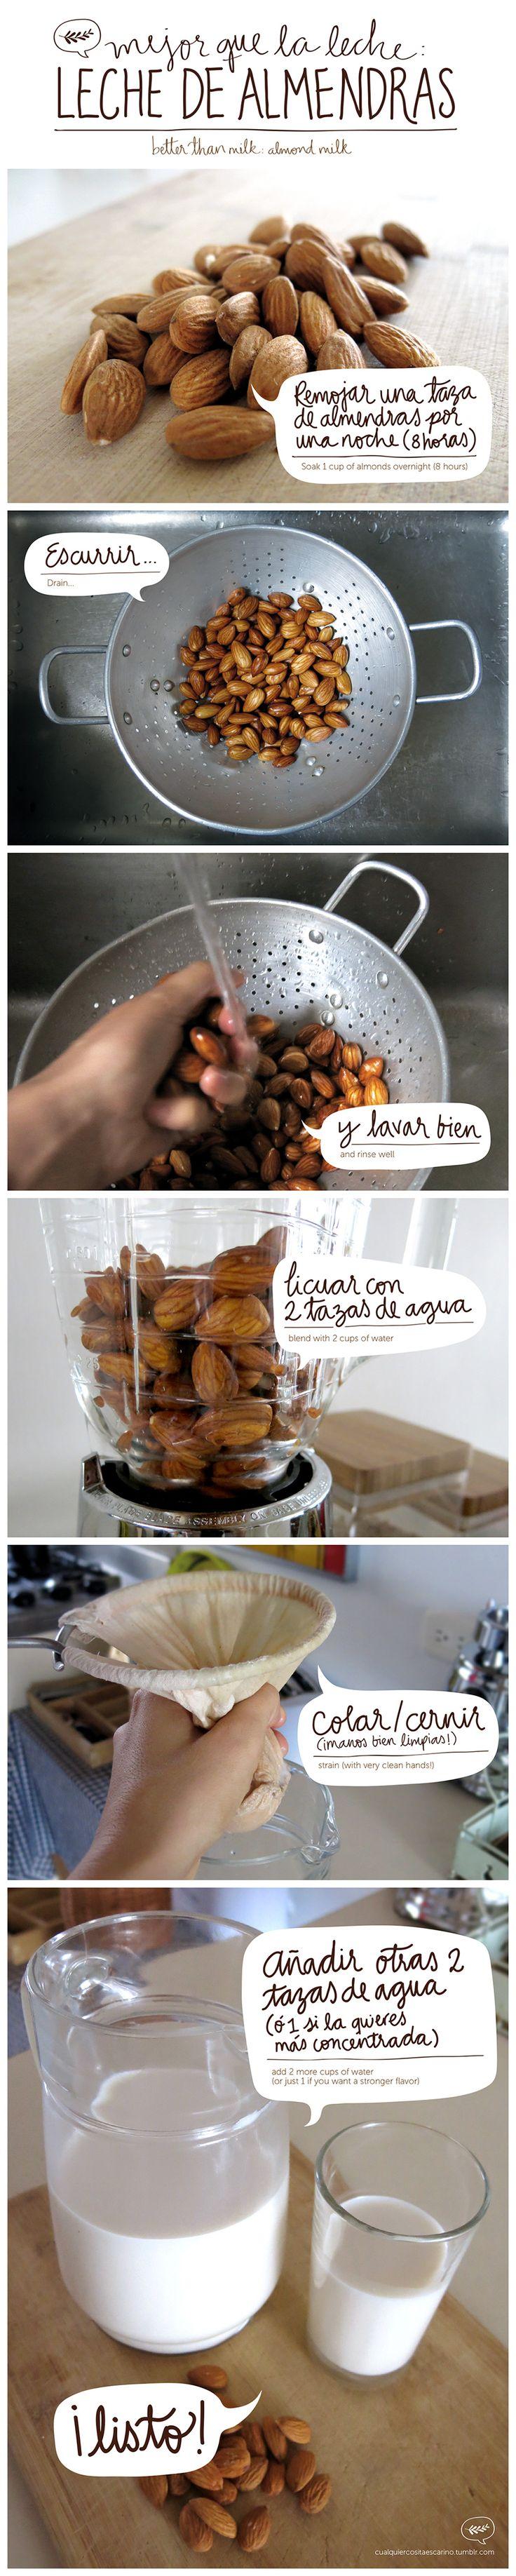 Aprende a preparar una rica y saludable Leche de Almendras para que tomes en las mañanas antes de ir a estudiar ;D #lechealmendra #saludable #estudiantes #umayor